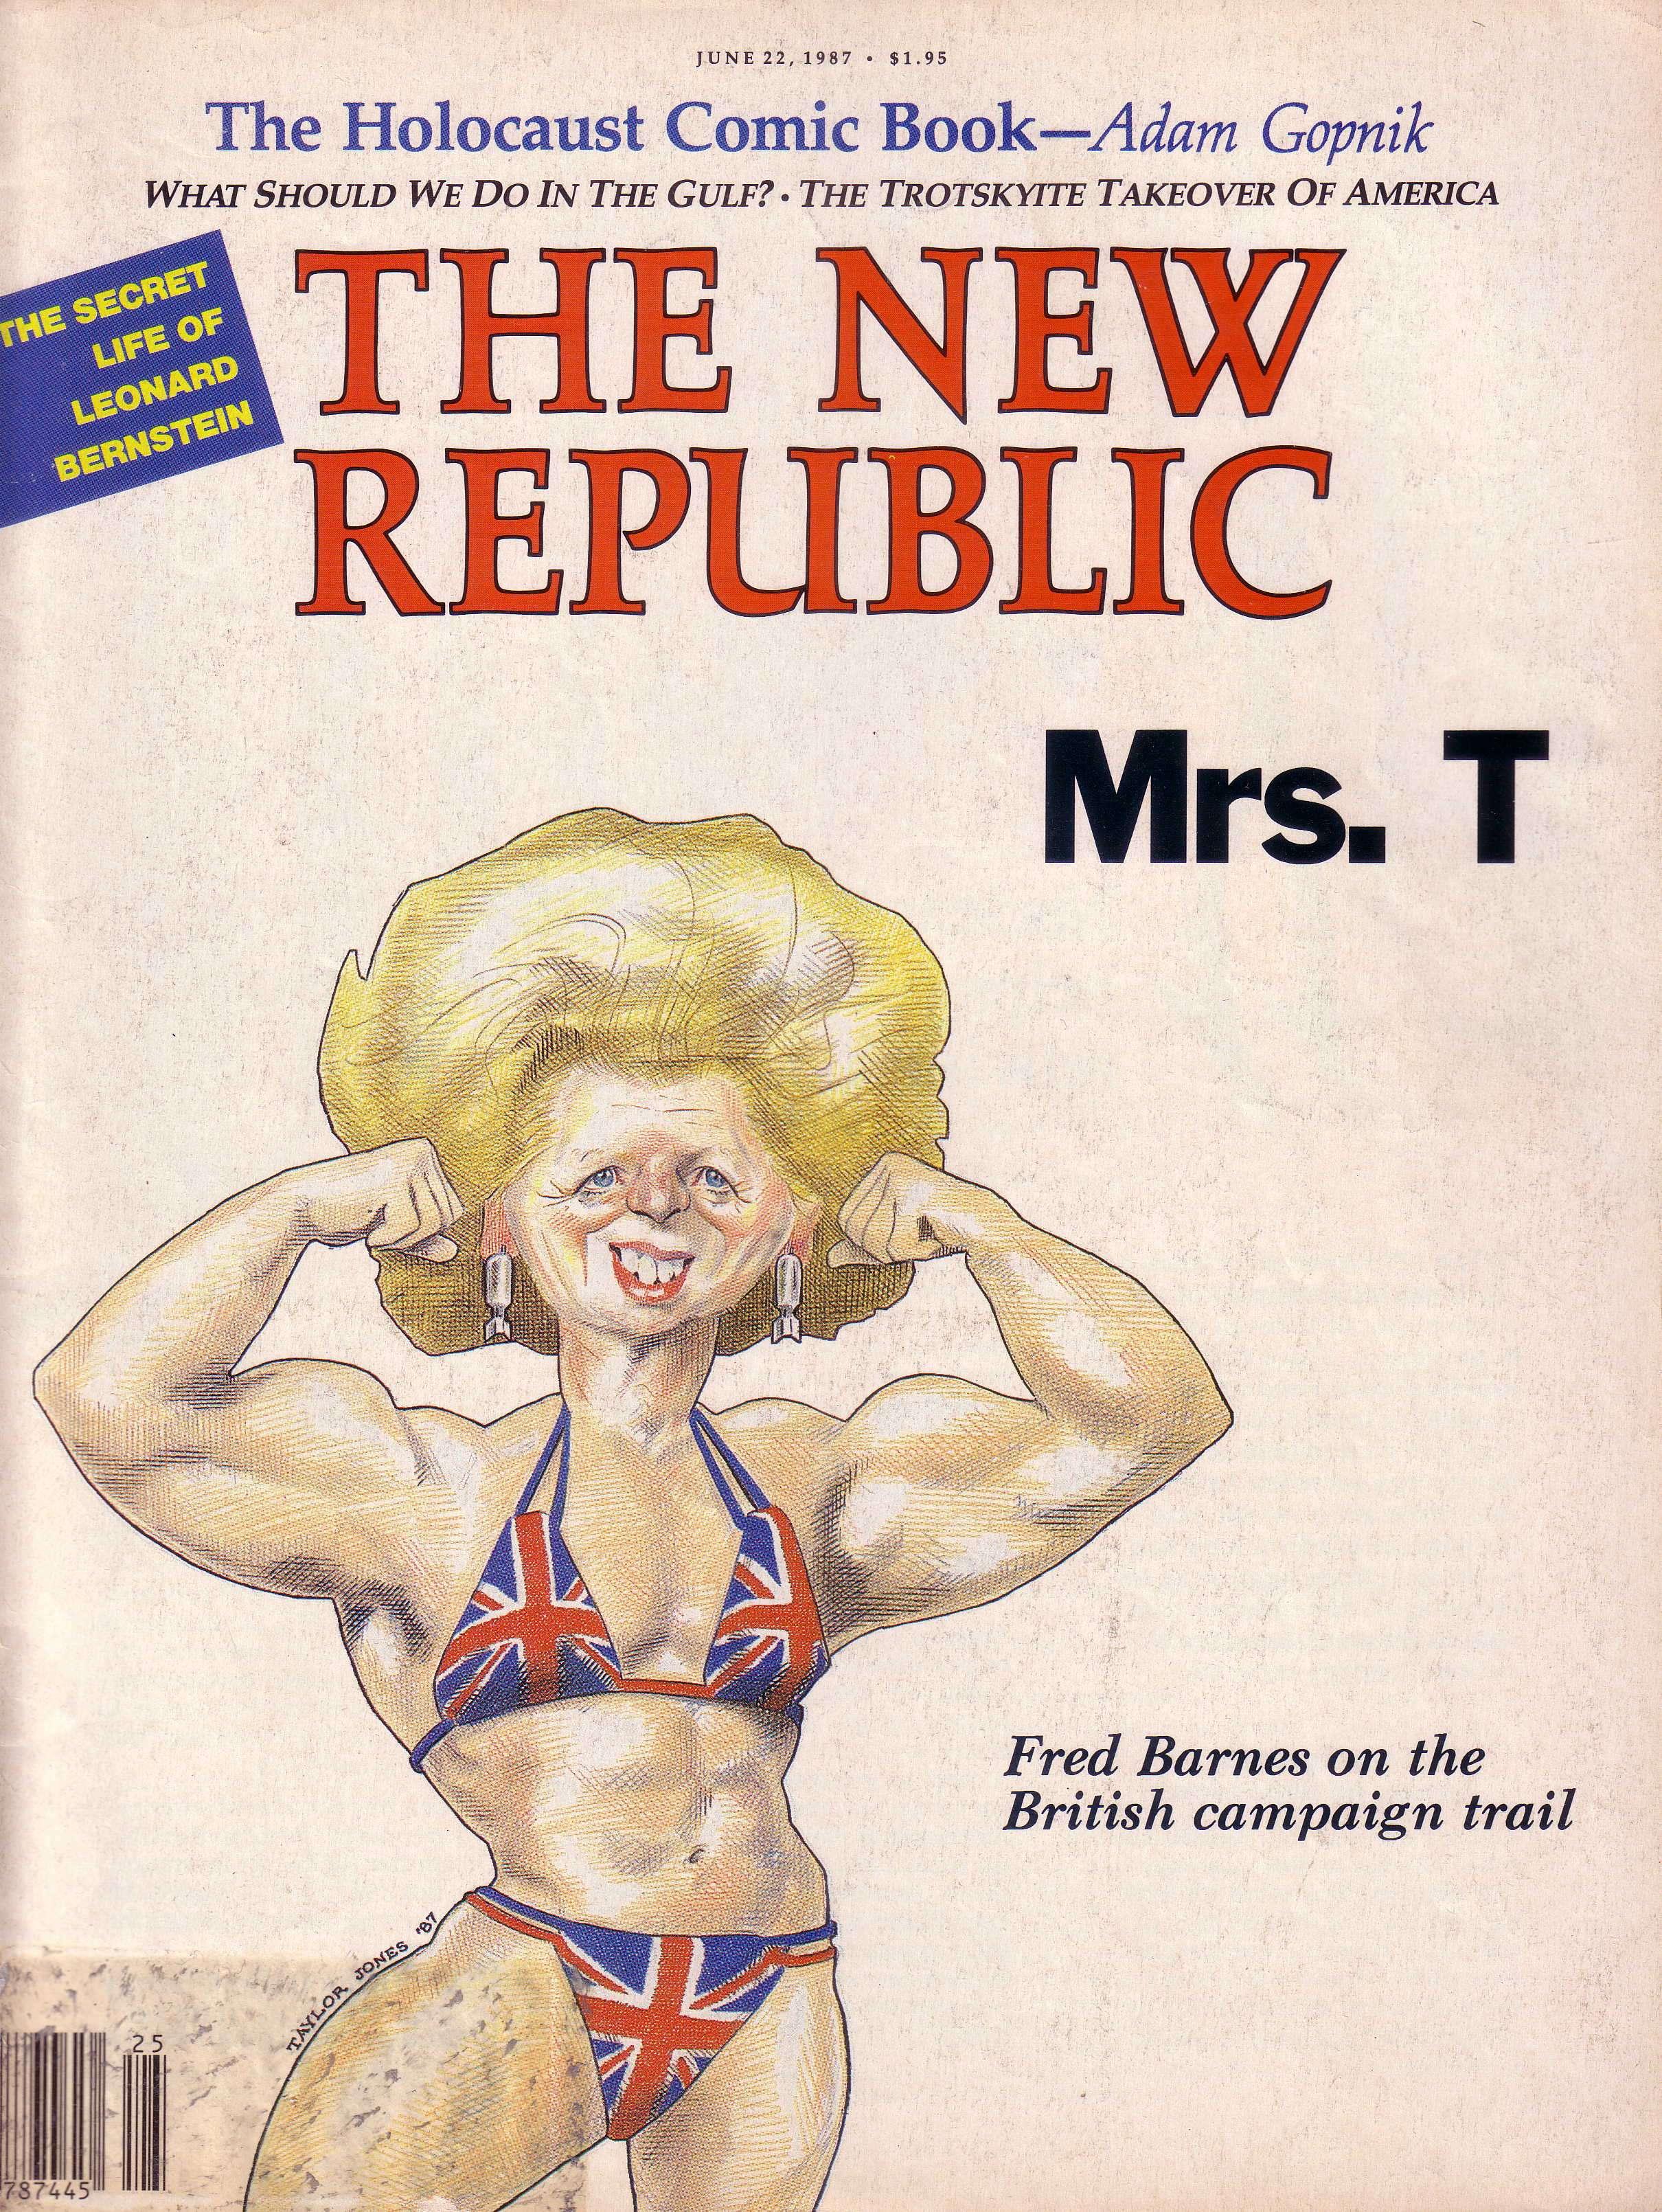 Εξώφυλλο του 1987 με την Μάργκαρετ Θάτσερ